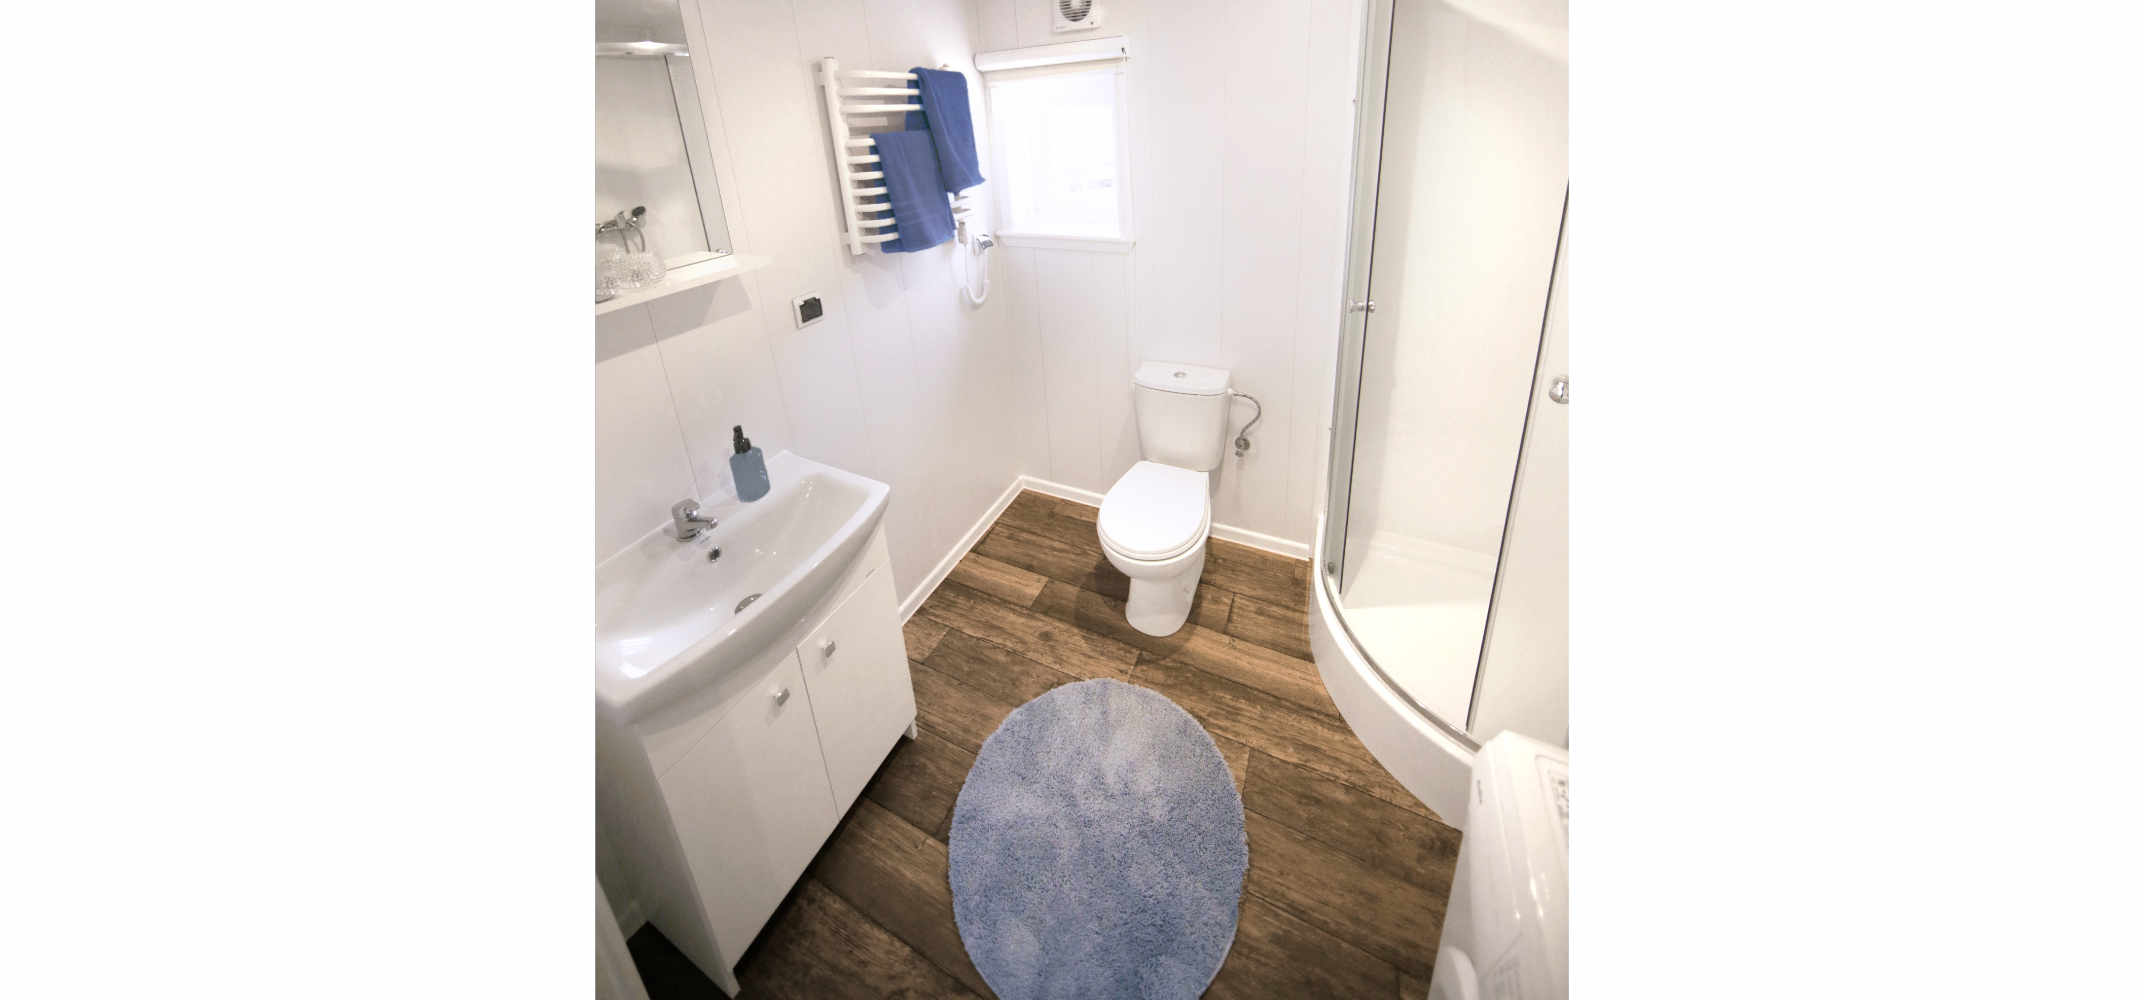 25 WC:dusch besk.jpg